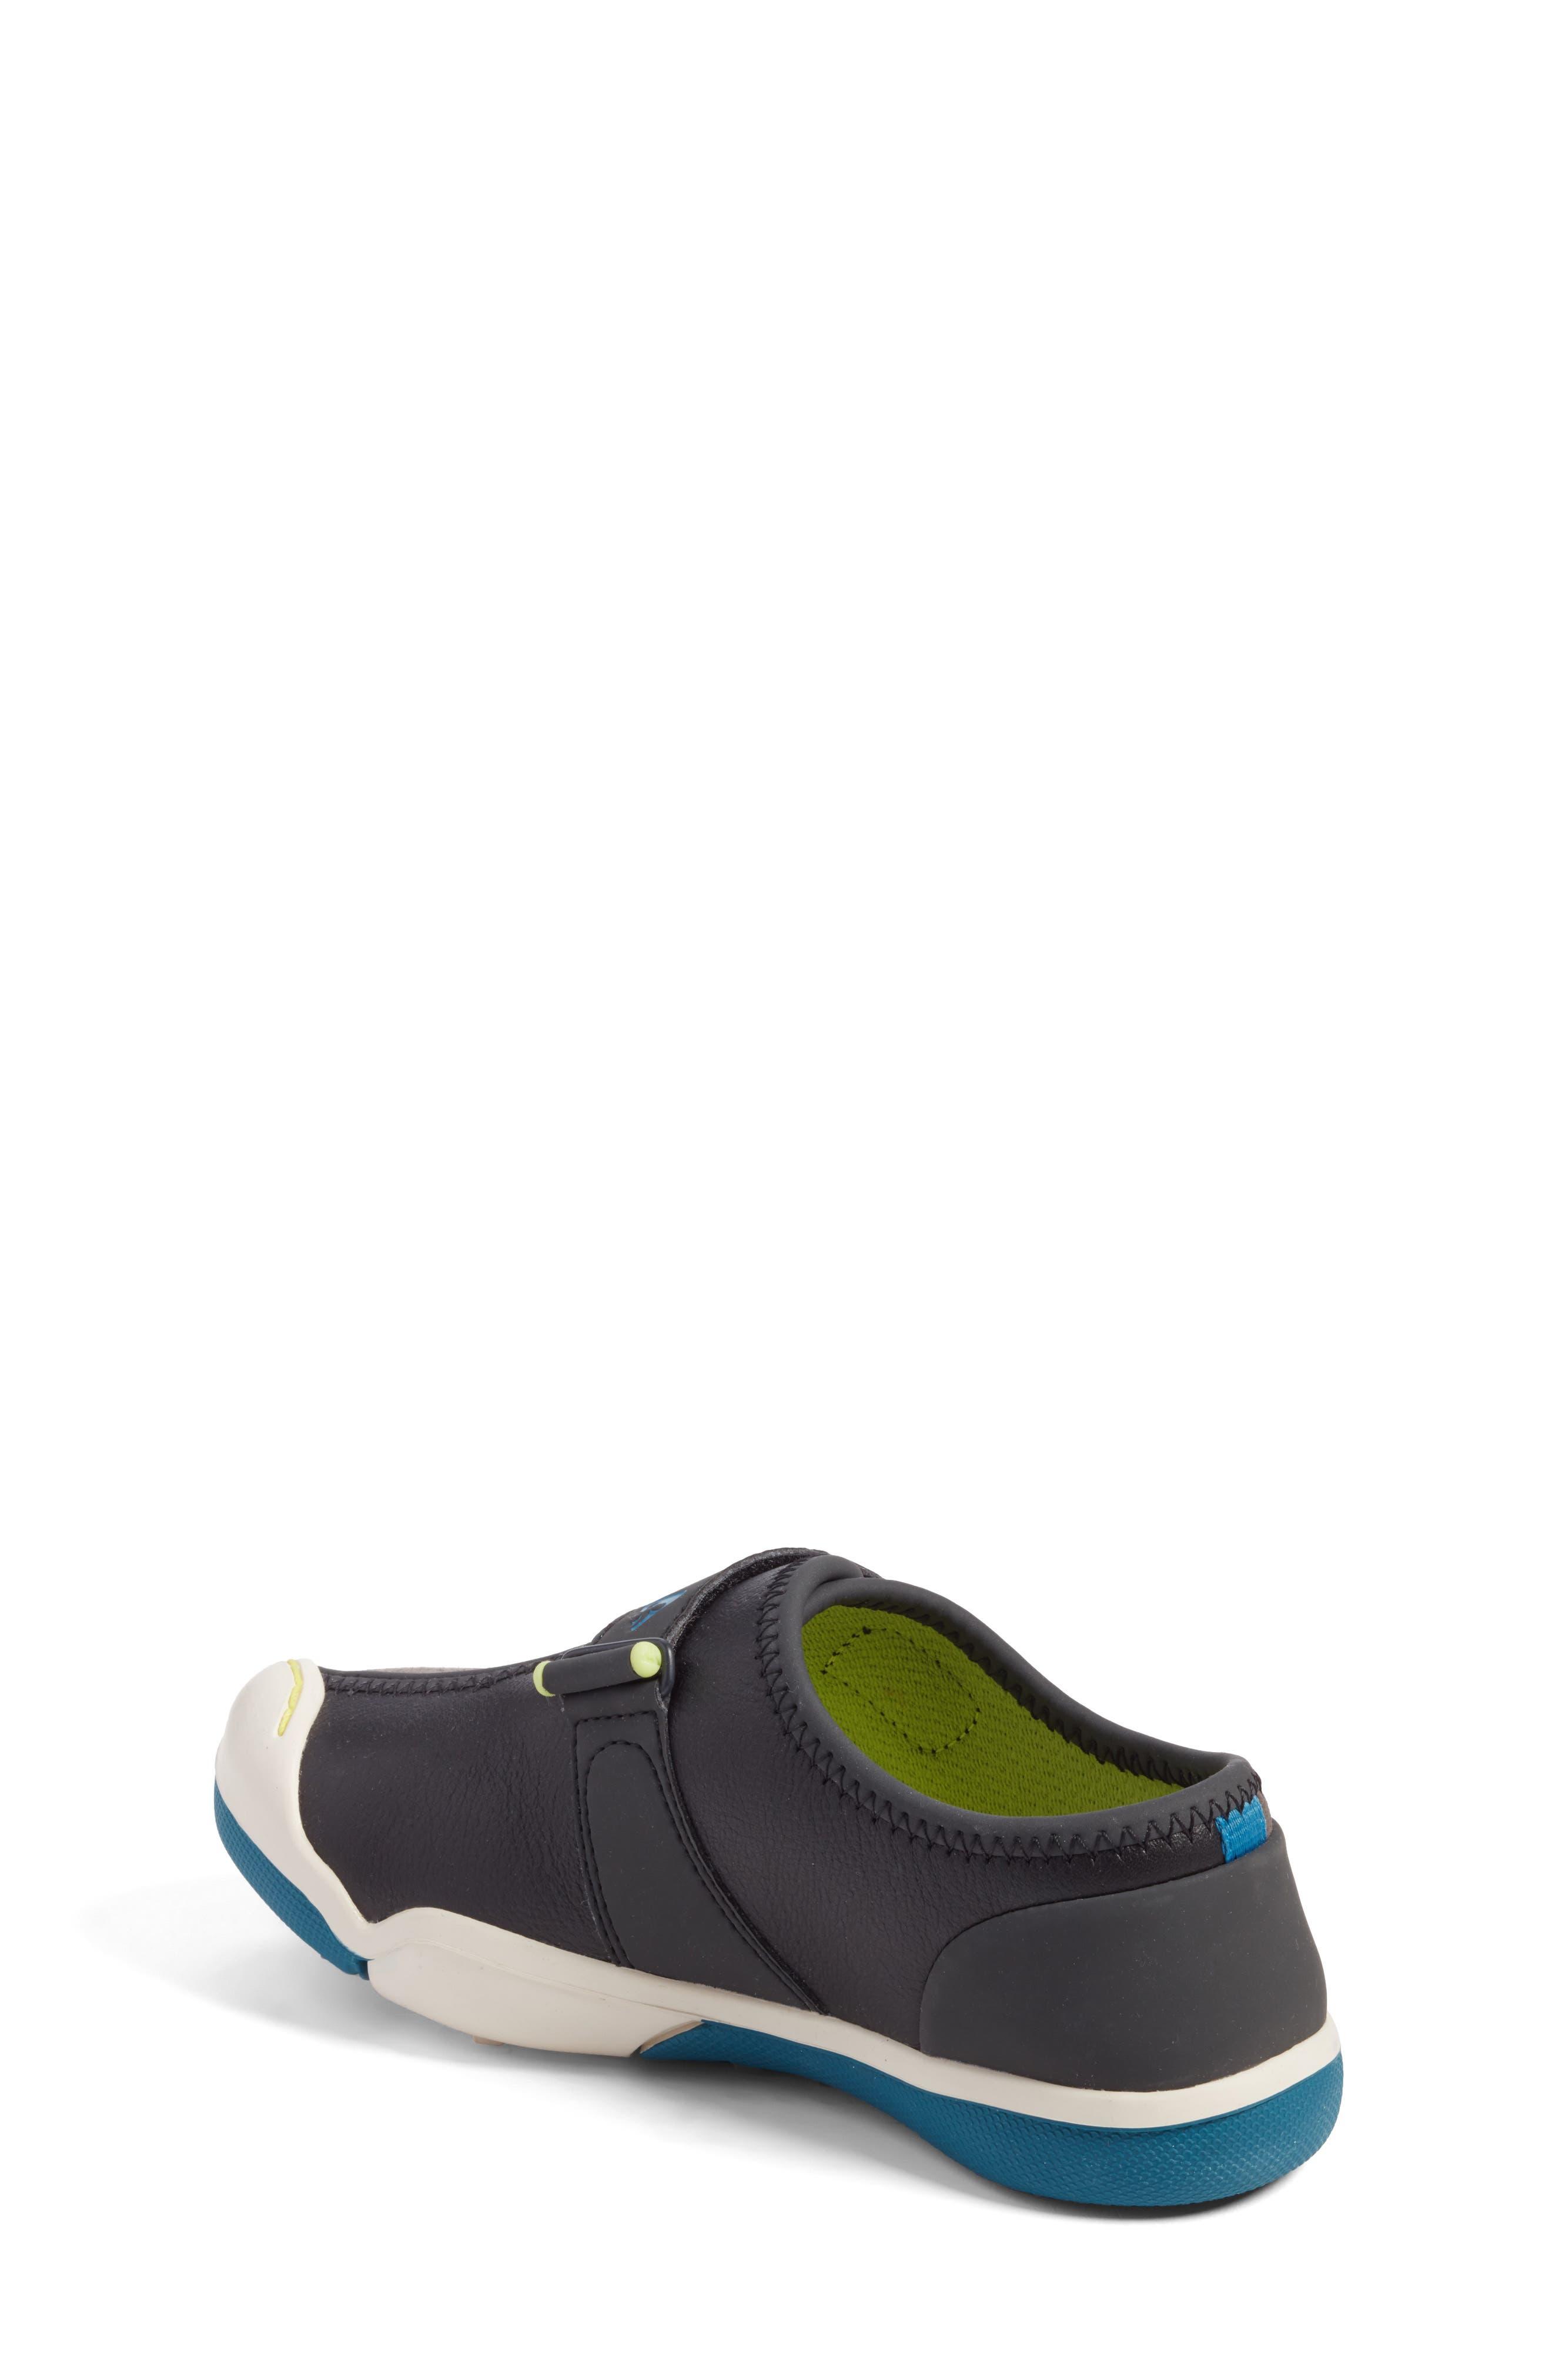 Cam Perforated Sneaker,                             Alternate thumbnail 2, color,                             Lunar Grey